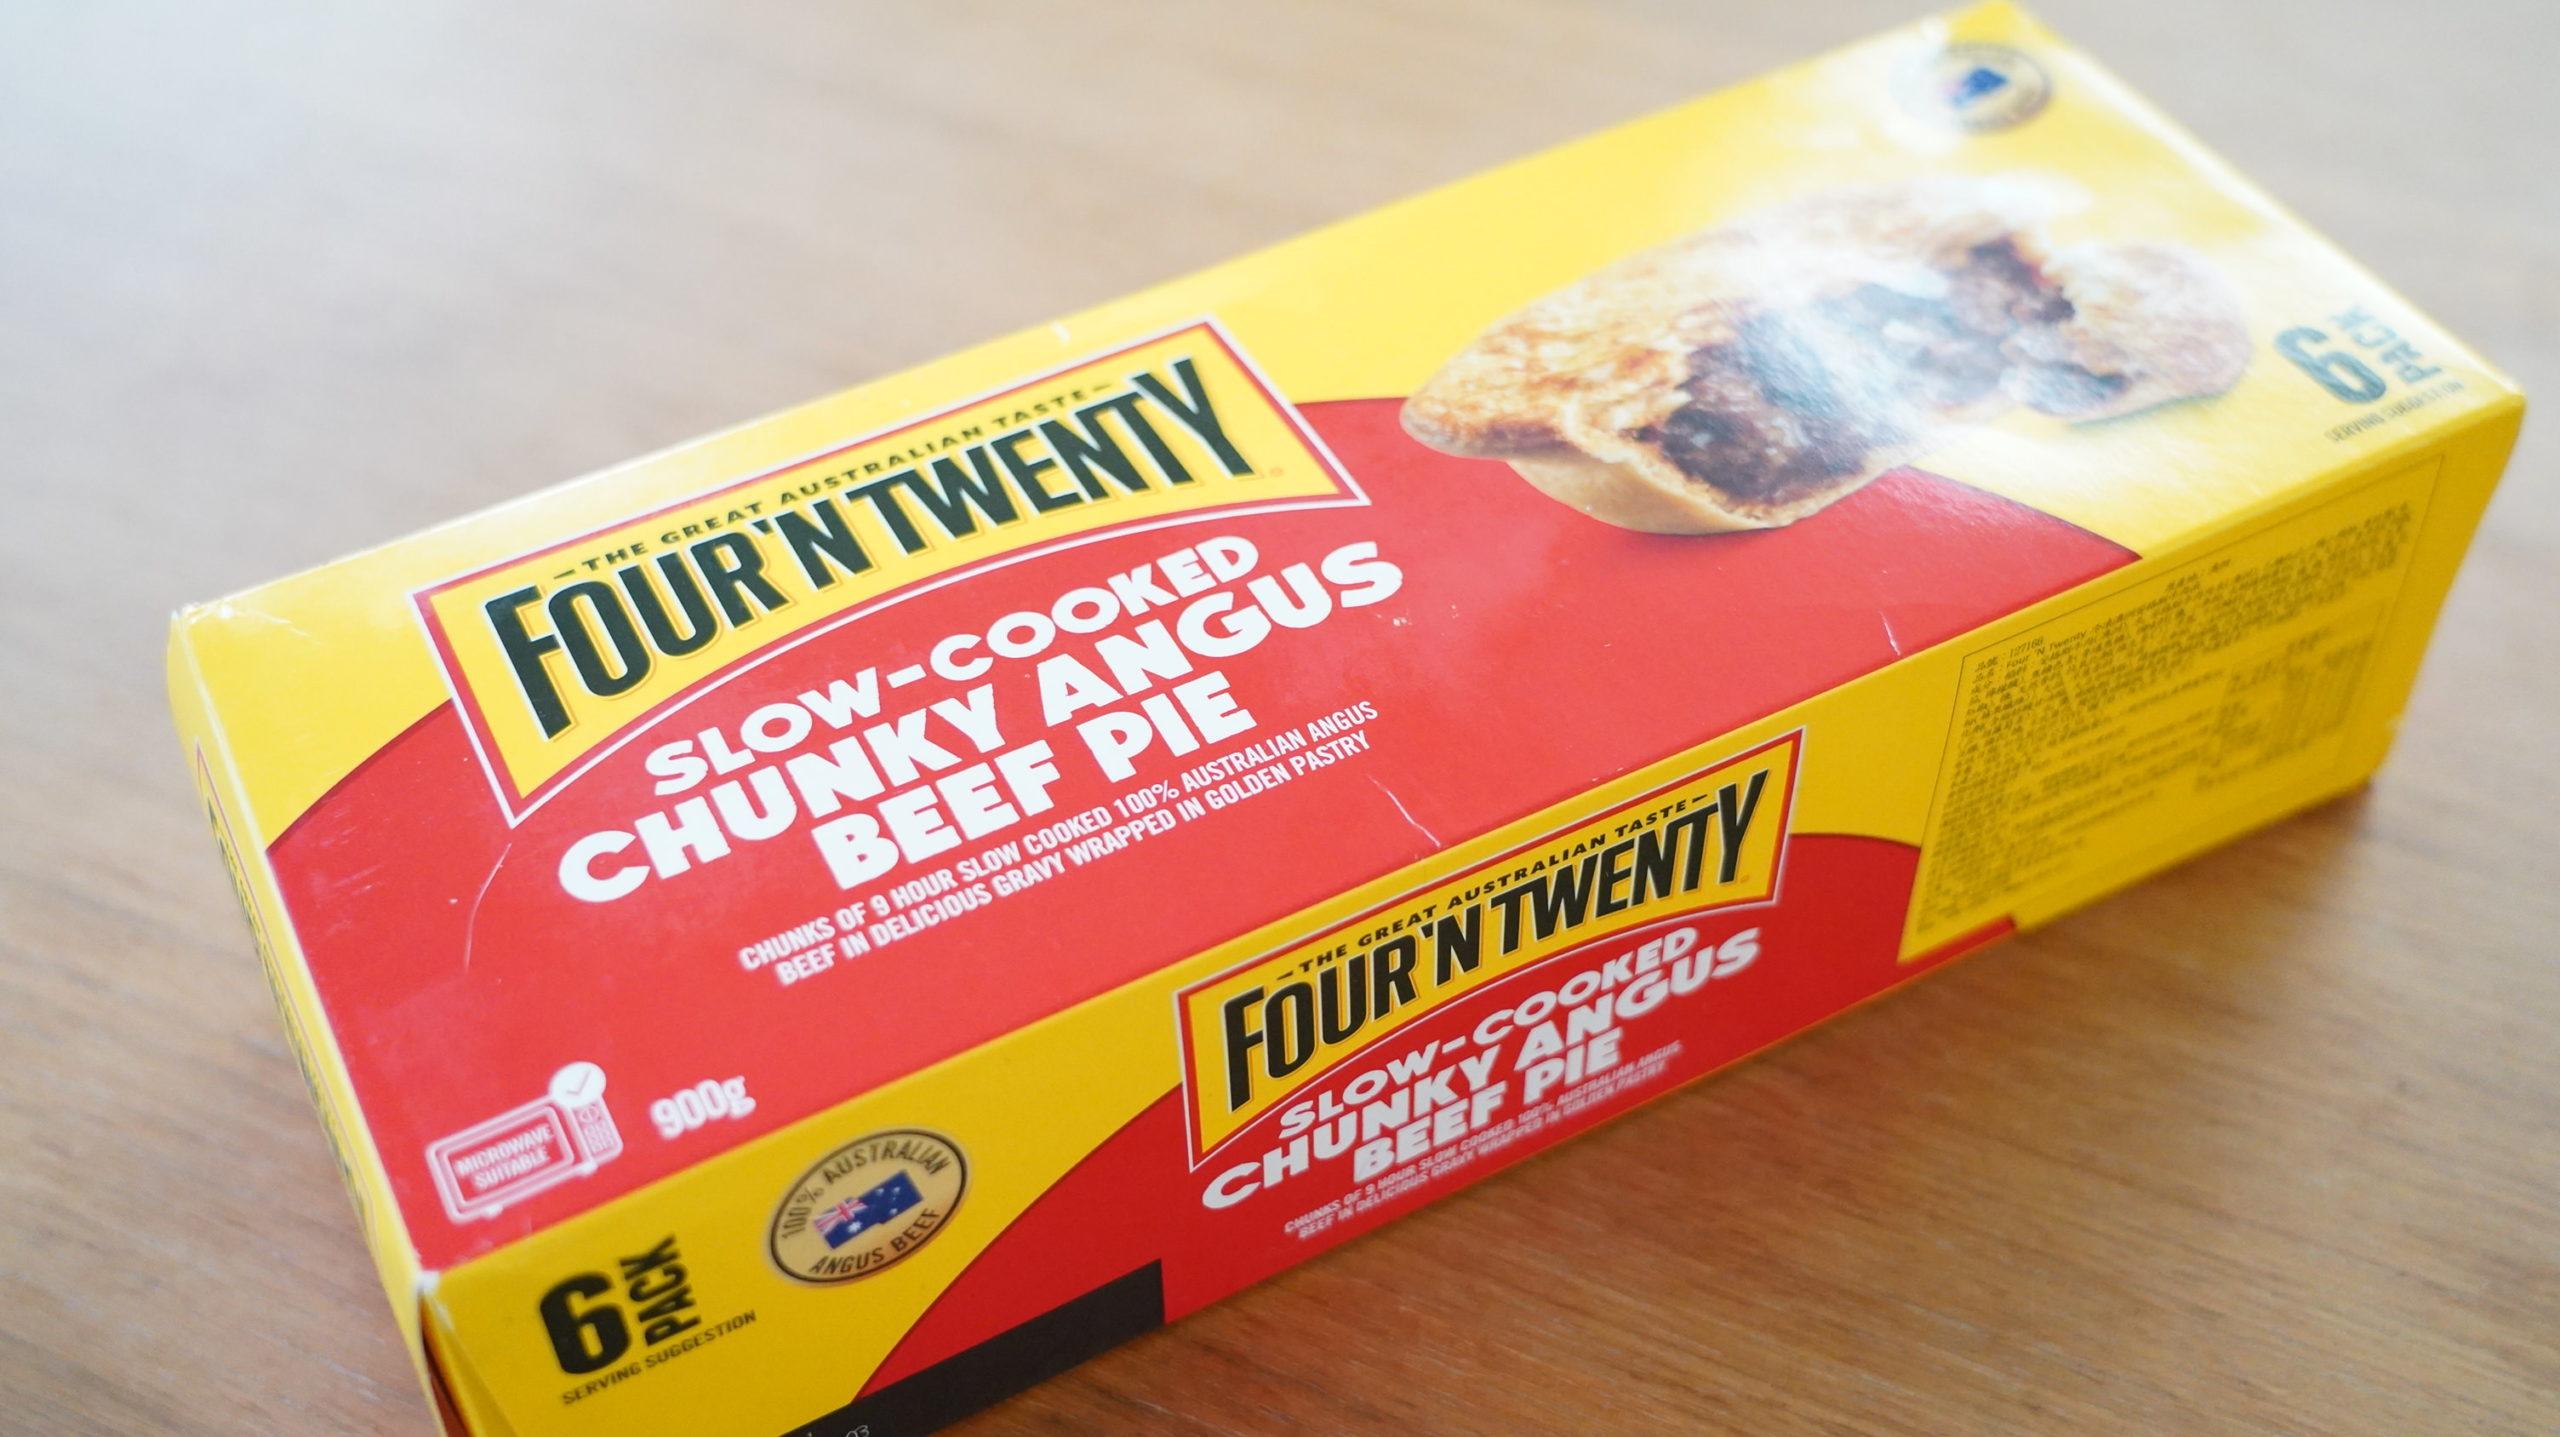 コストコの冷凍食品「アンガスビーフパイ」の箱を斜めから撮影した写真